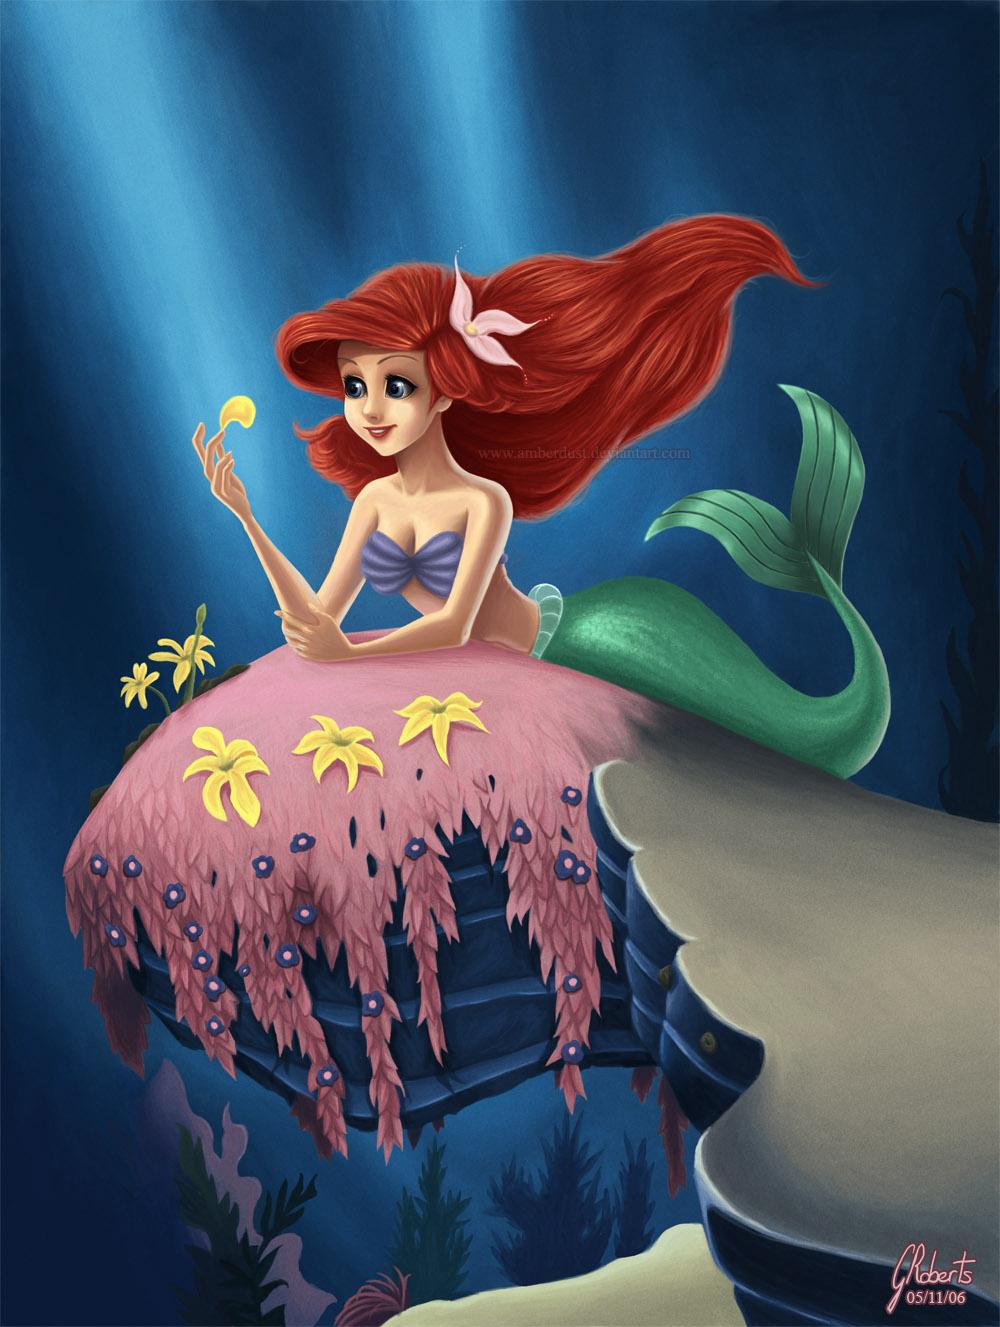 Little Mermaid: He loves me